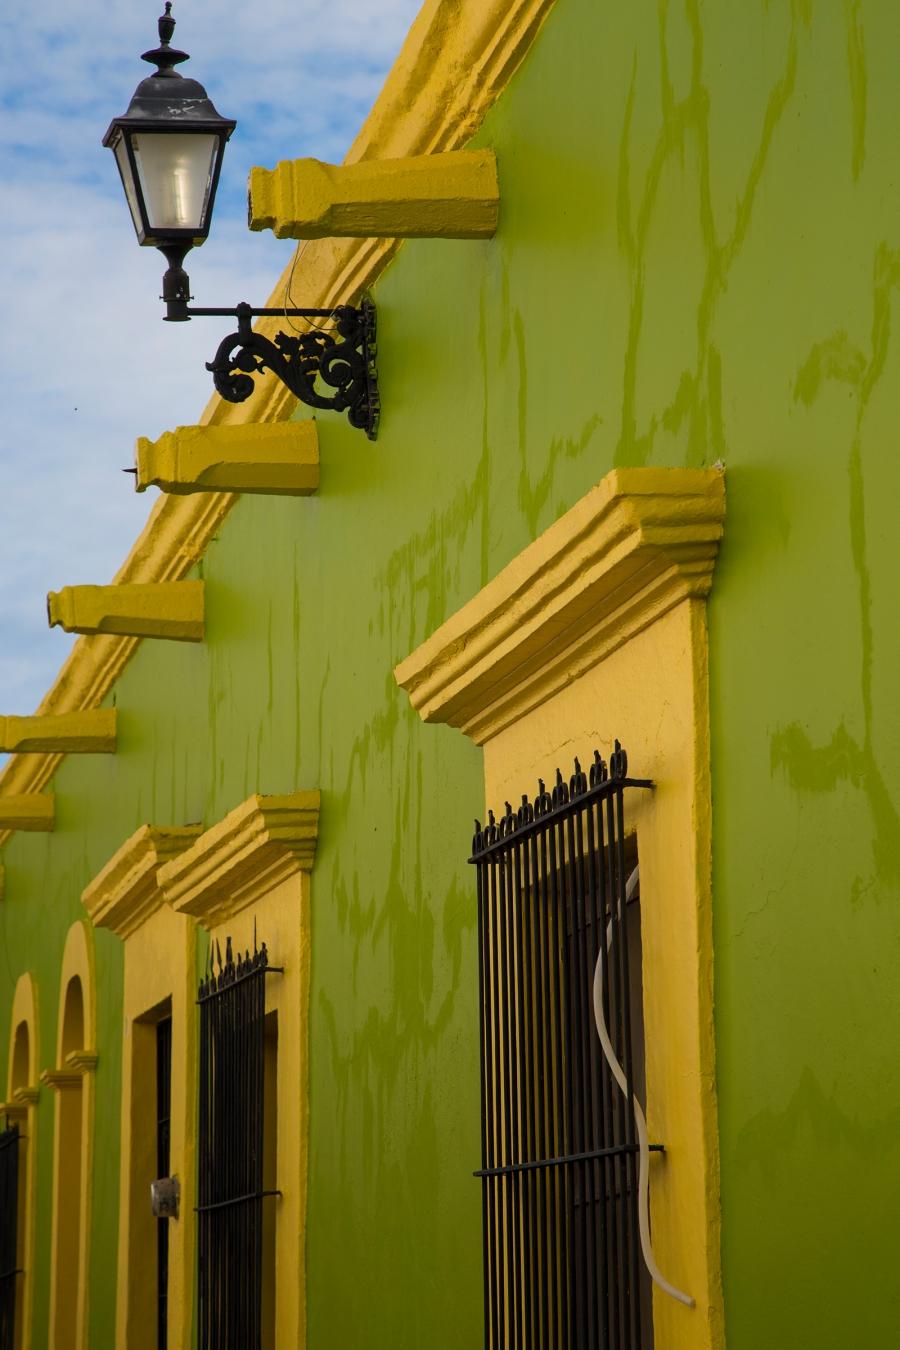 Mexico is unafraid of color